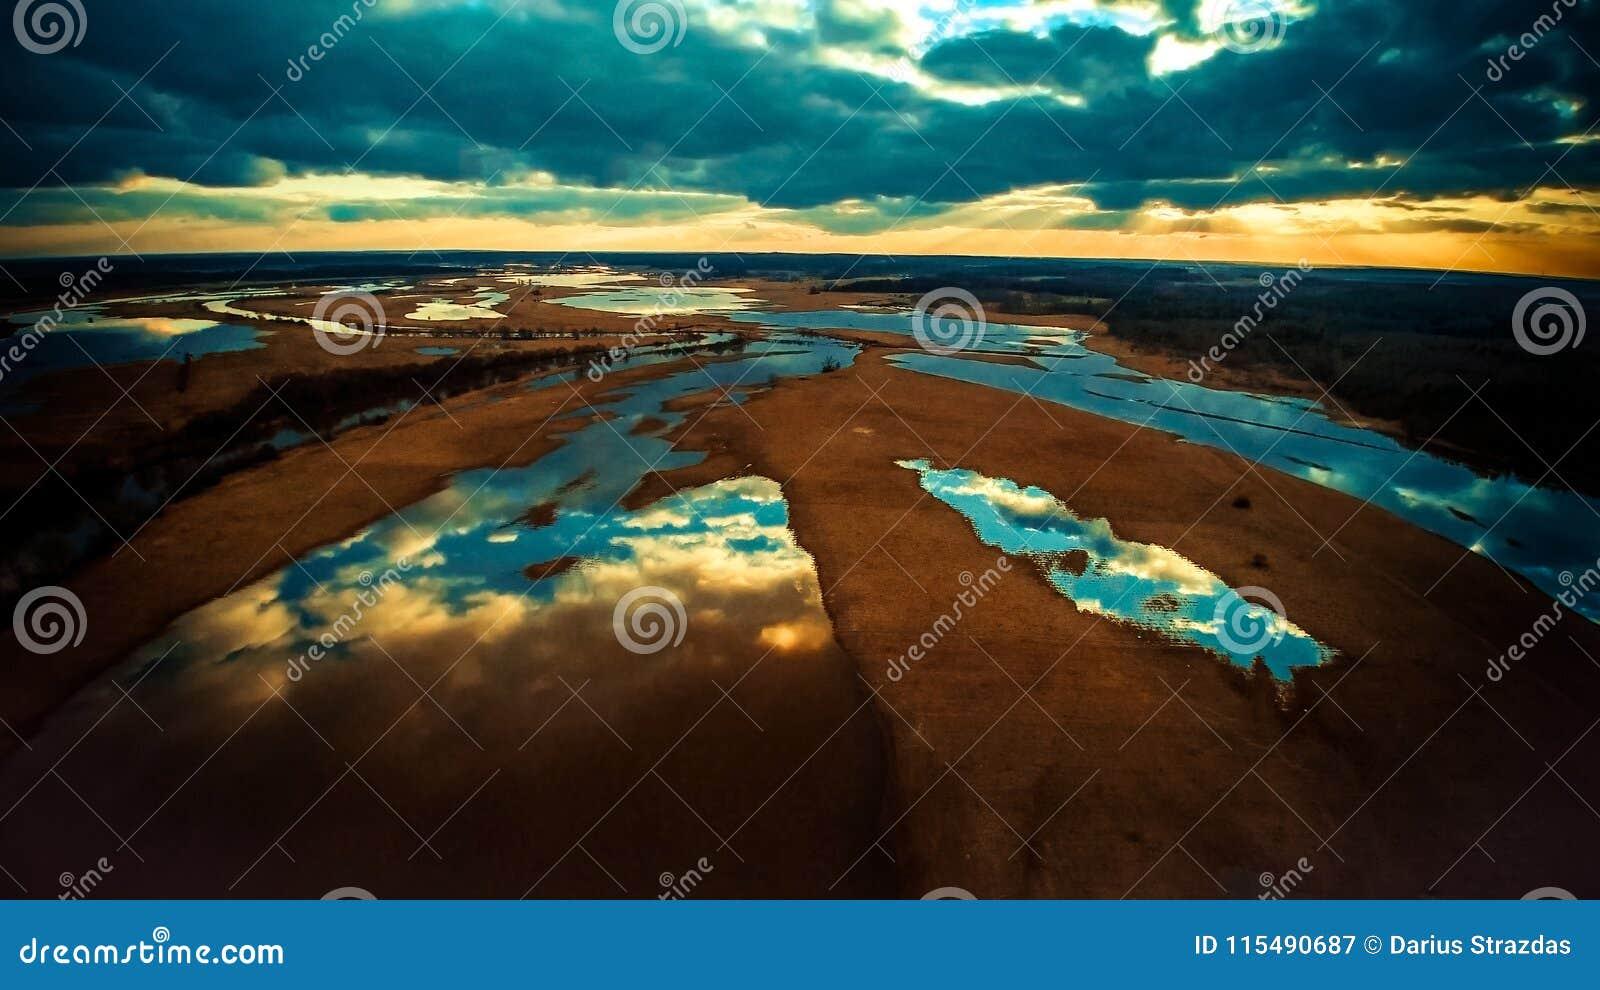 Sjöar sceniskt landskap, flygbild